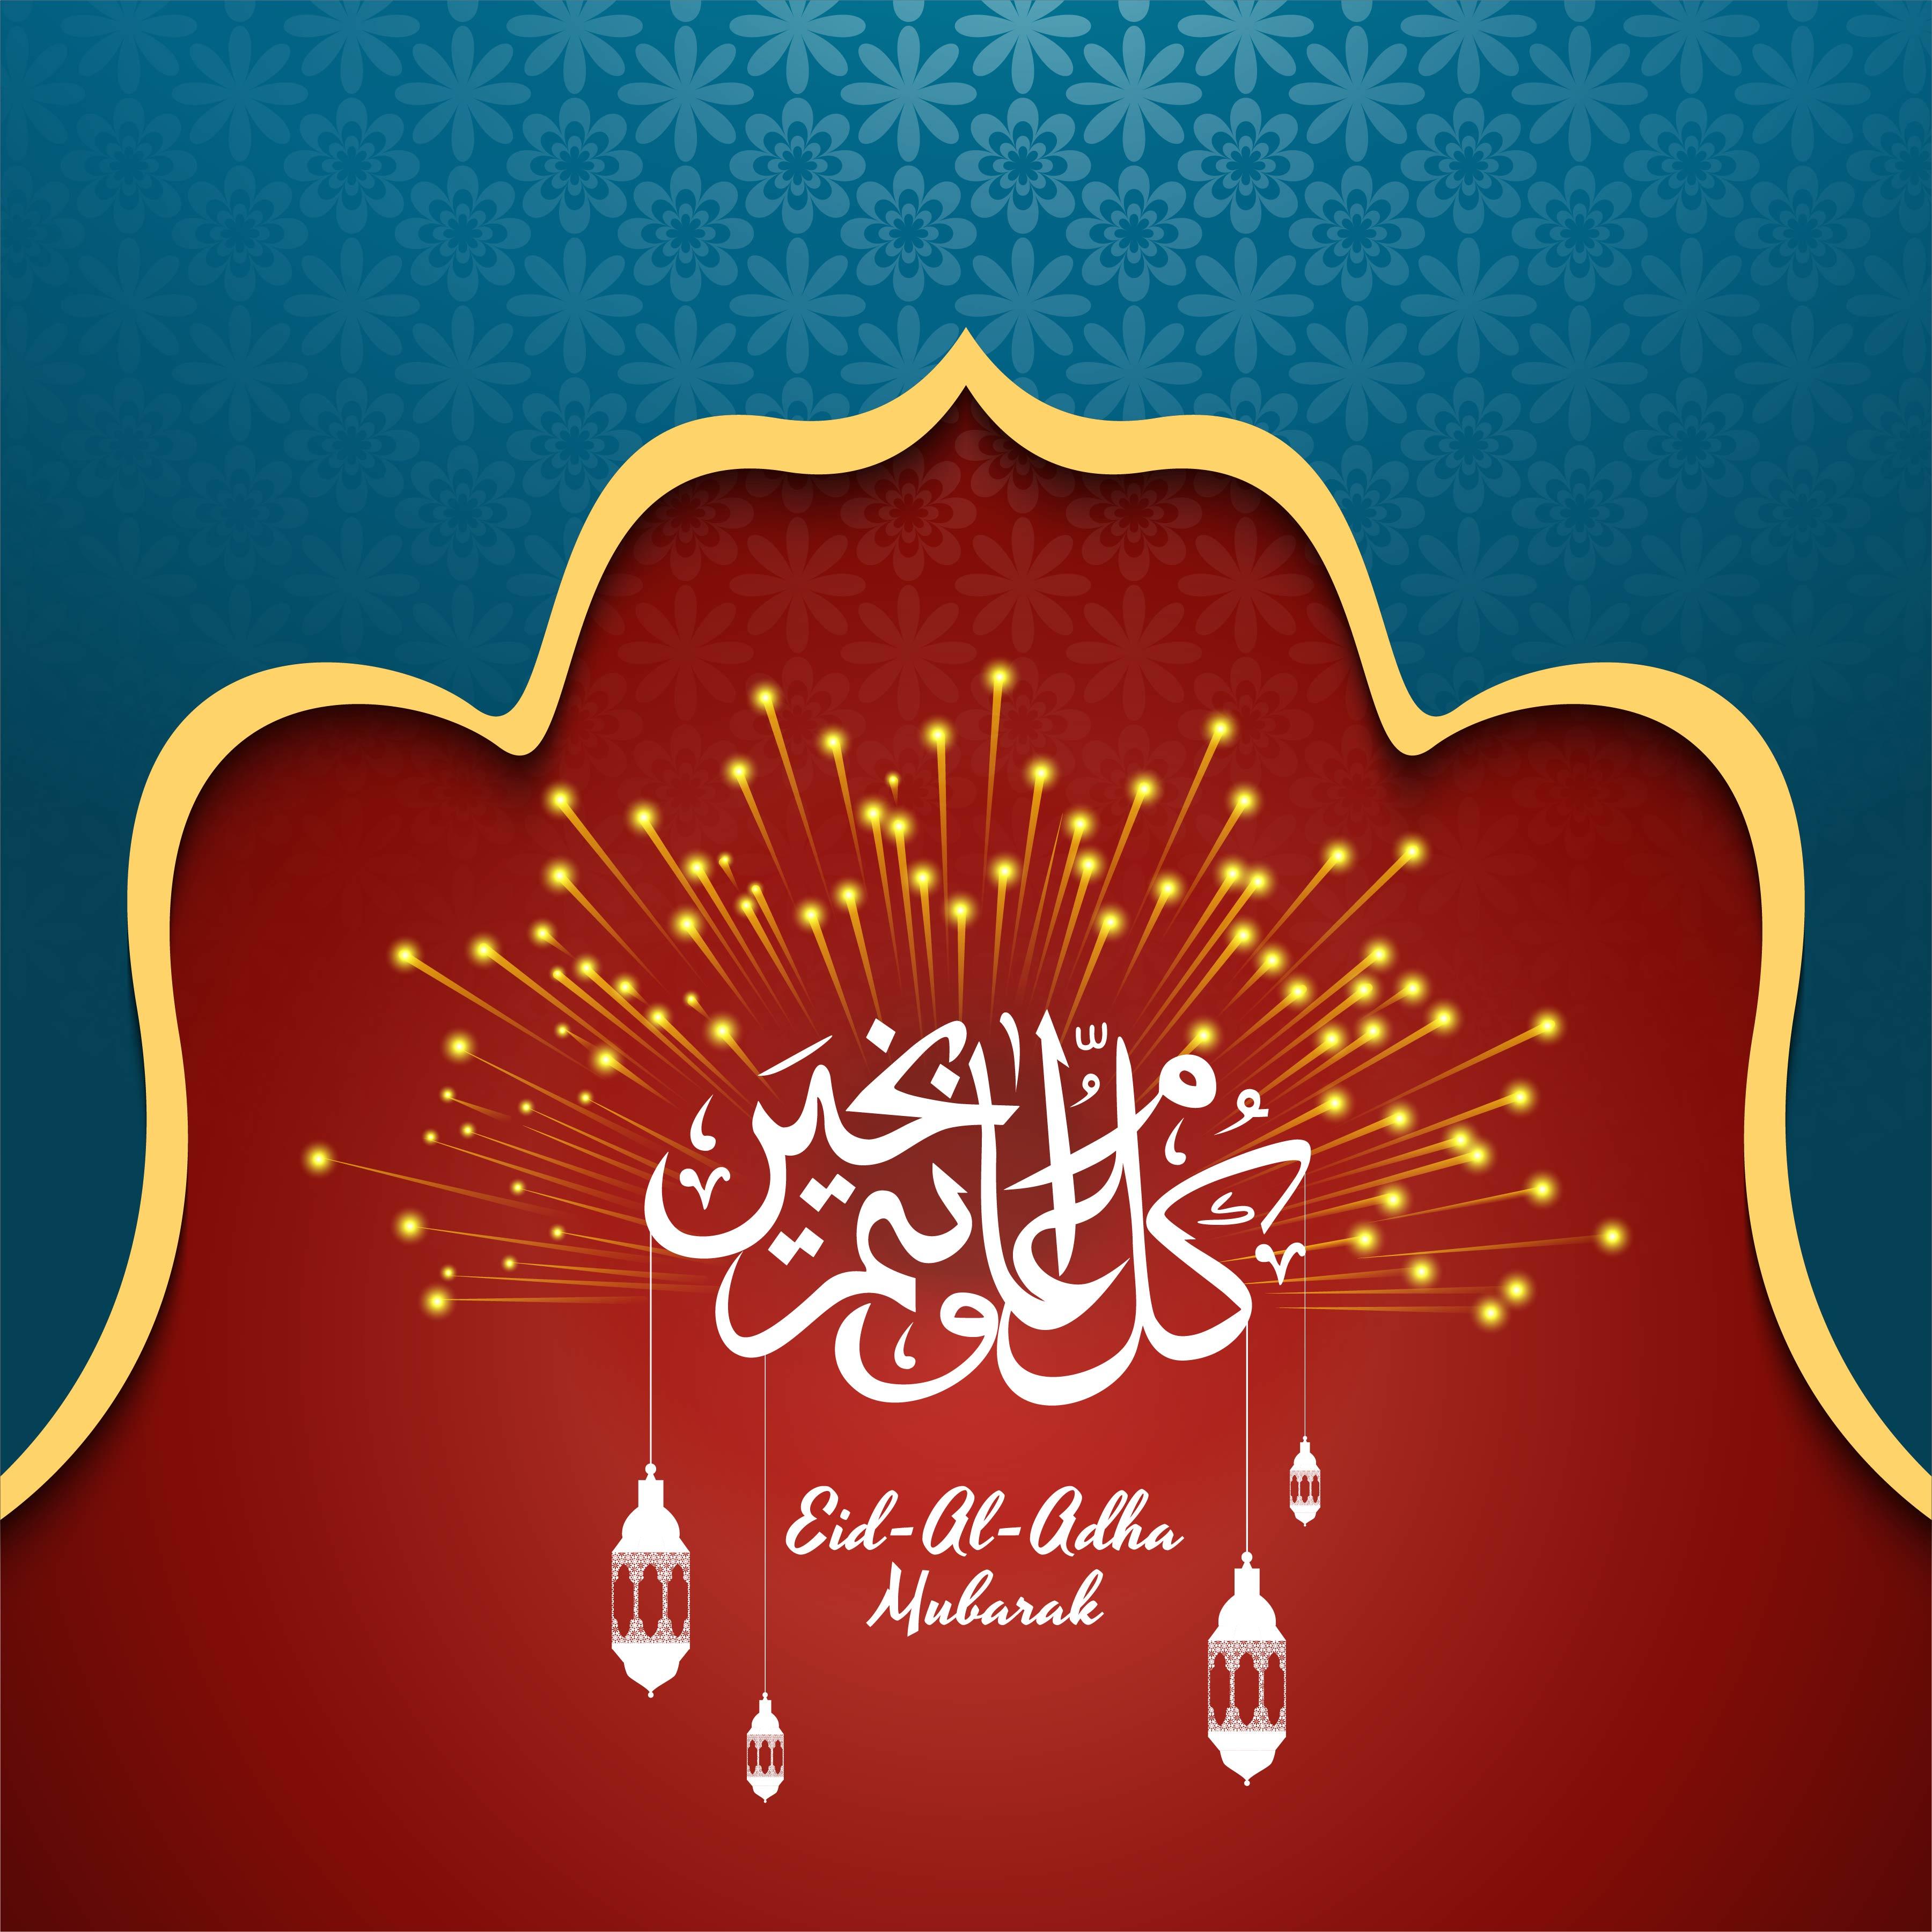 eid al adha celebration greeting card design 677537